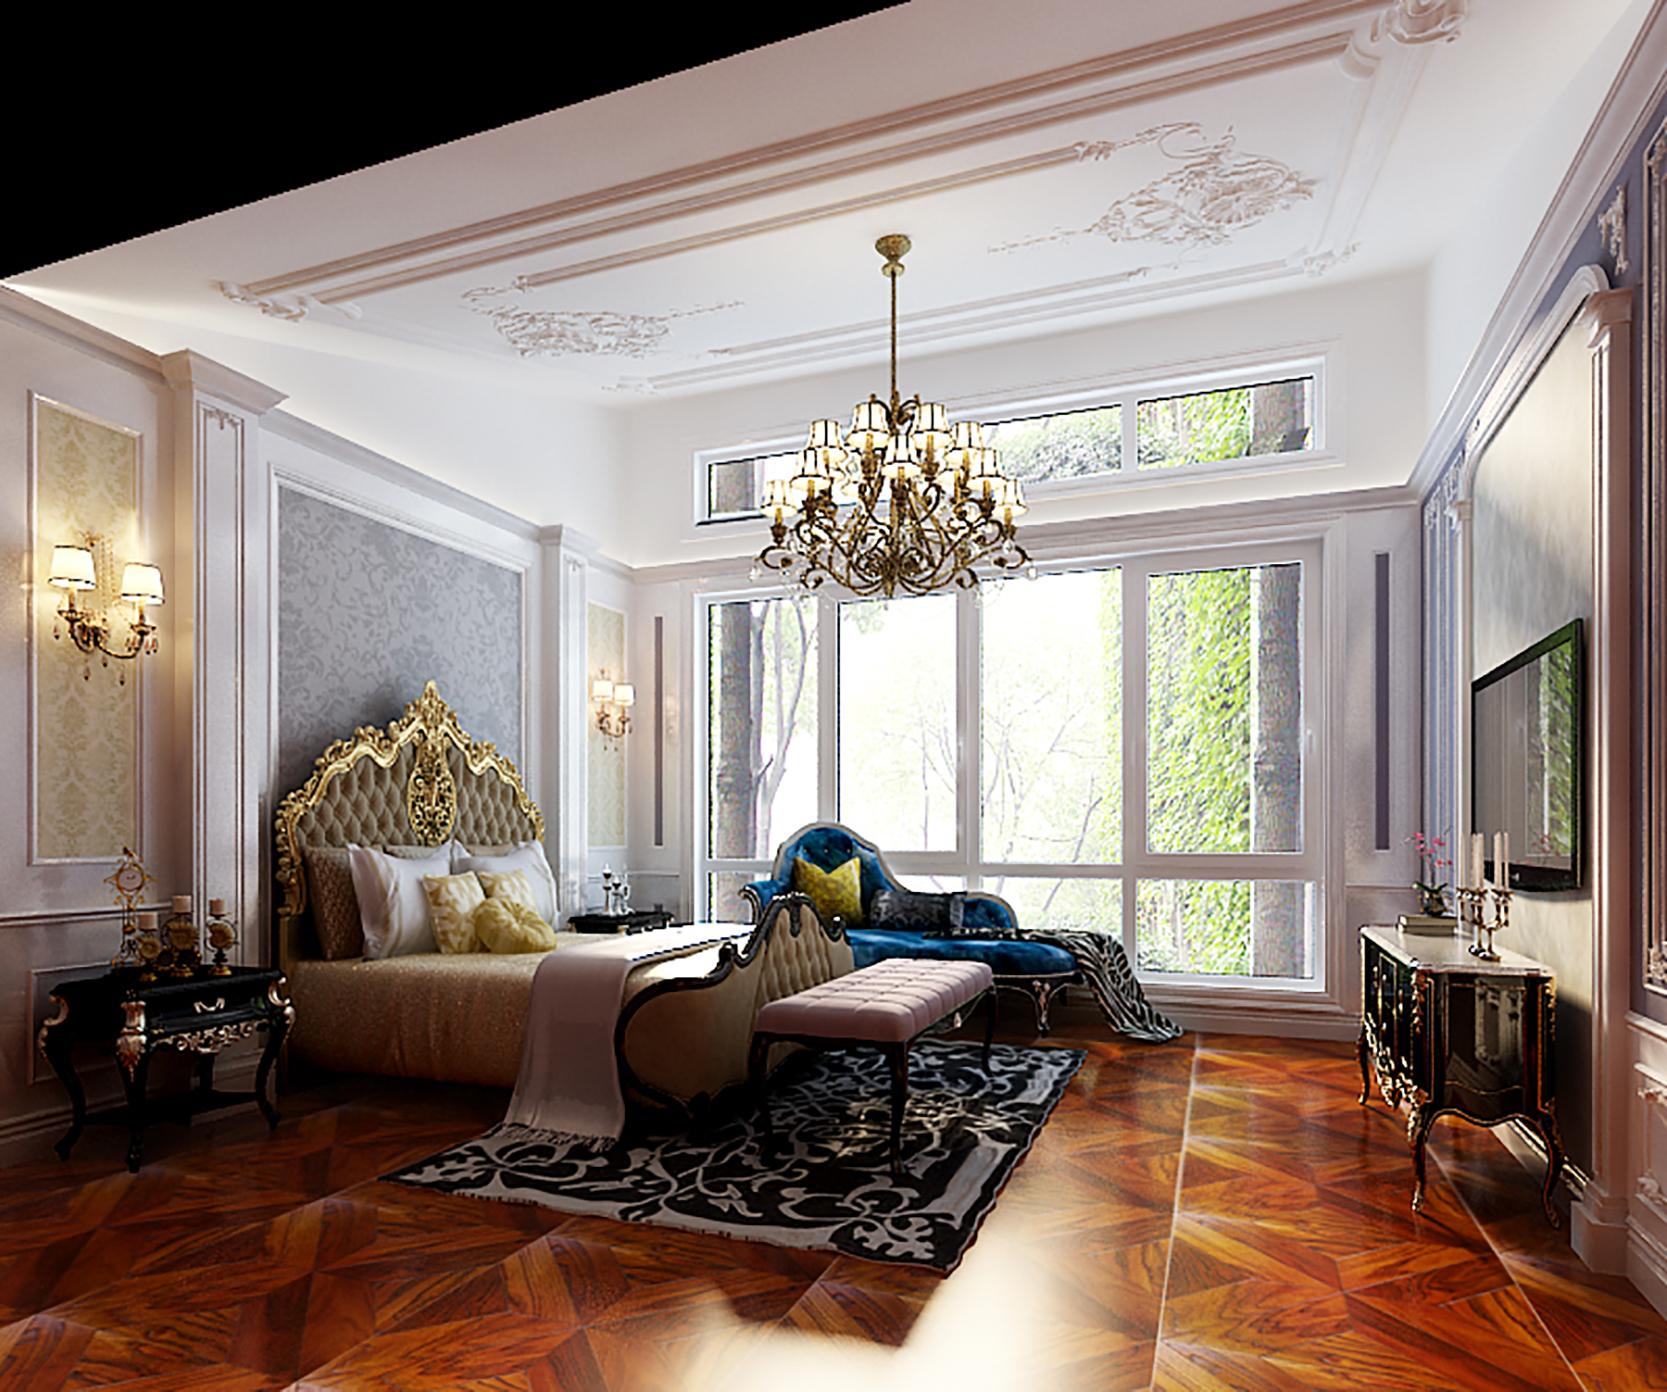 法式别墅装修卧室装饰摆件_齐家网装修效果图图片